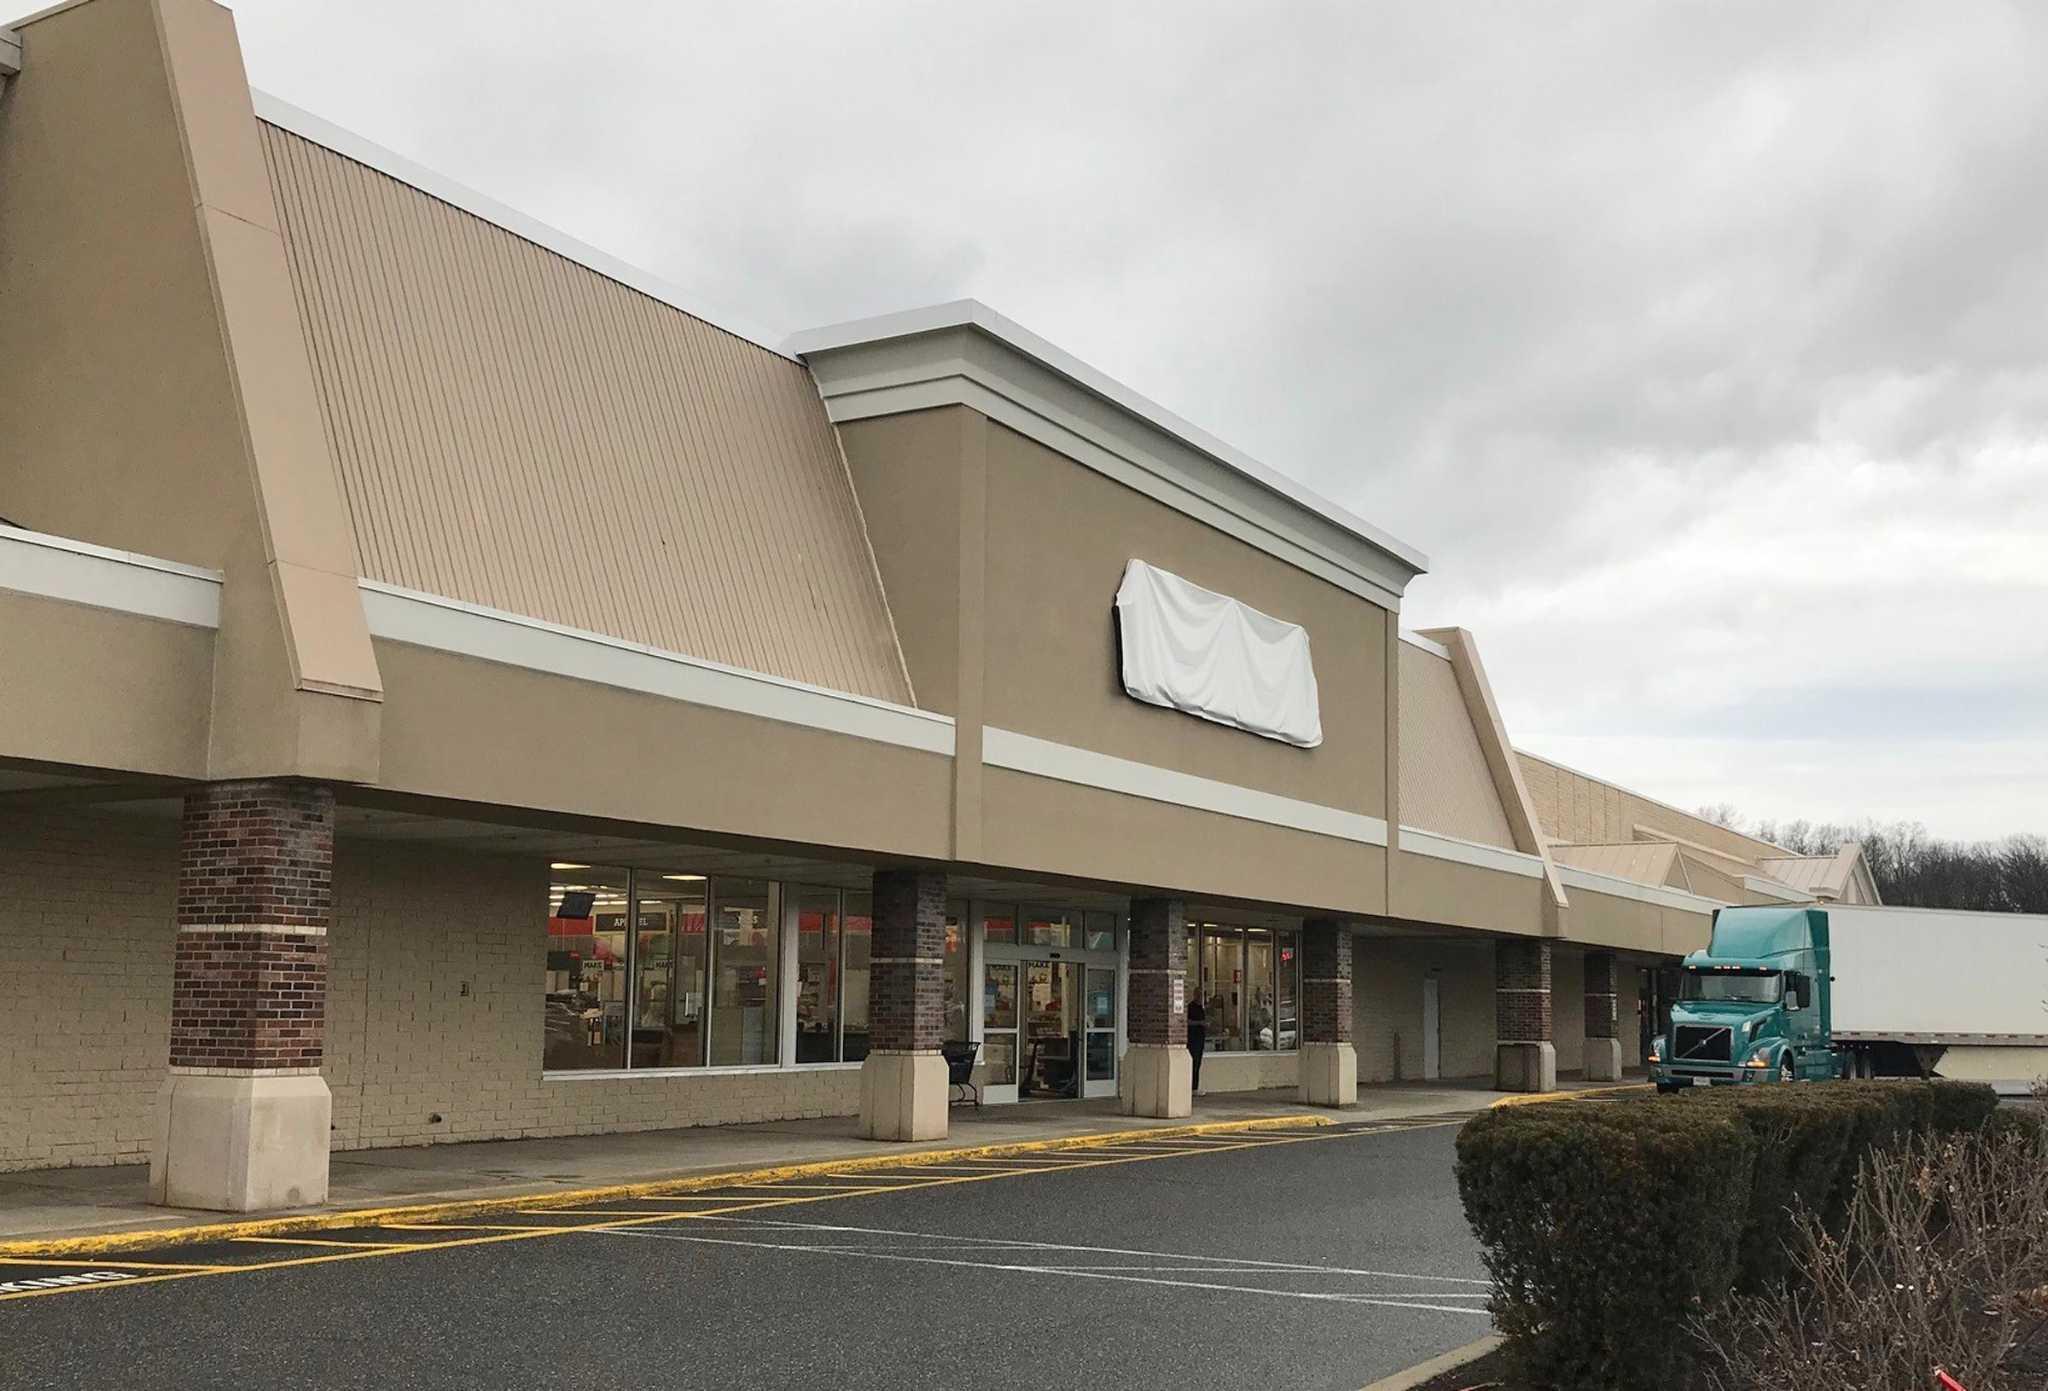 Brookfield michaels move next door underway for Michaels crafts danbury ct